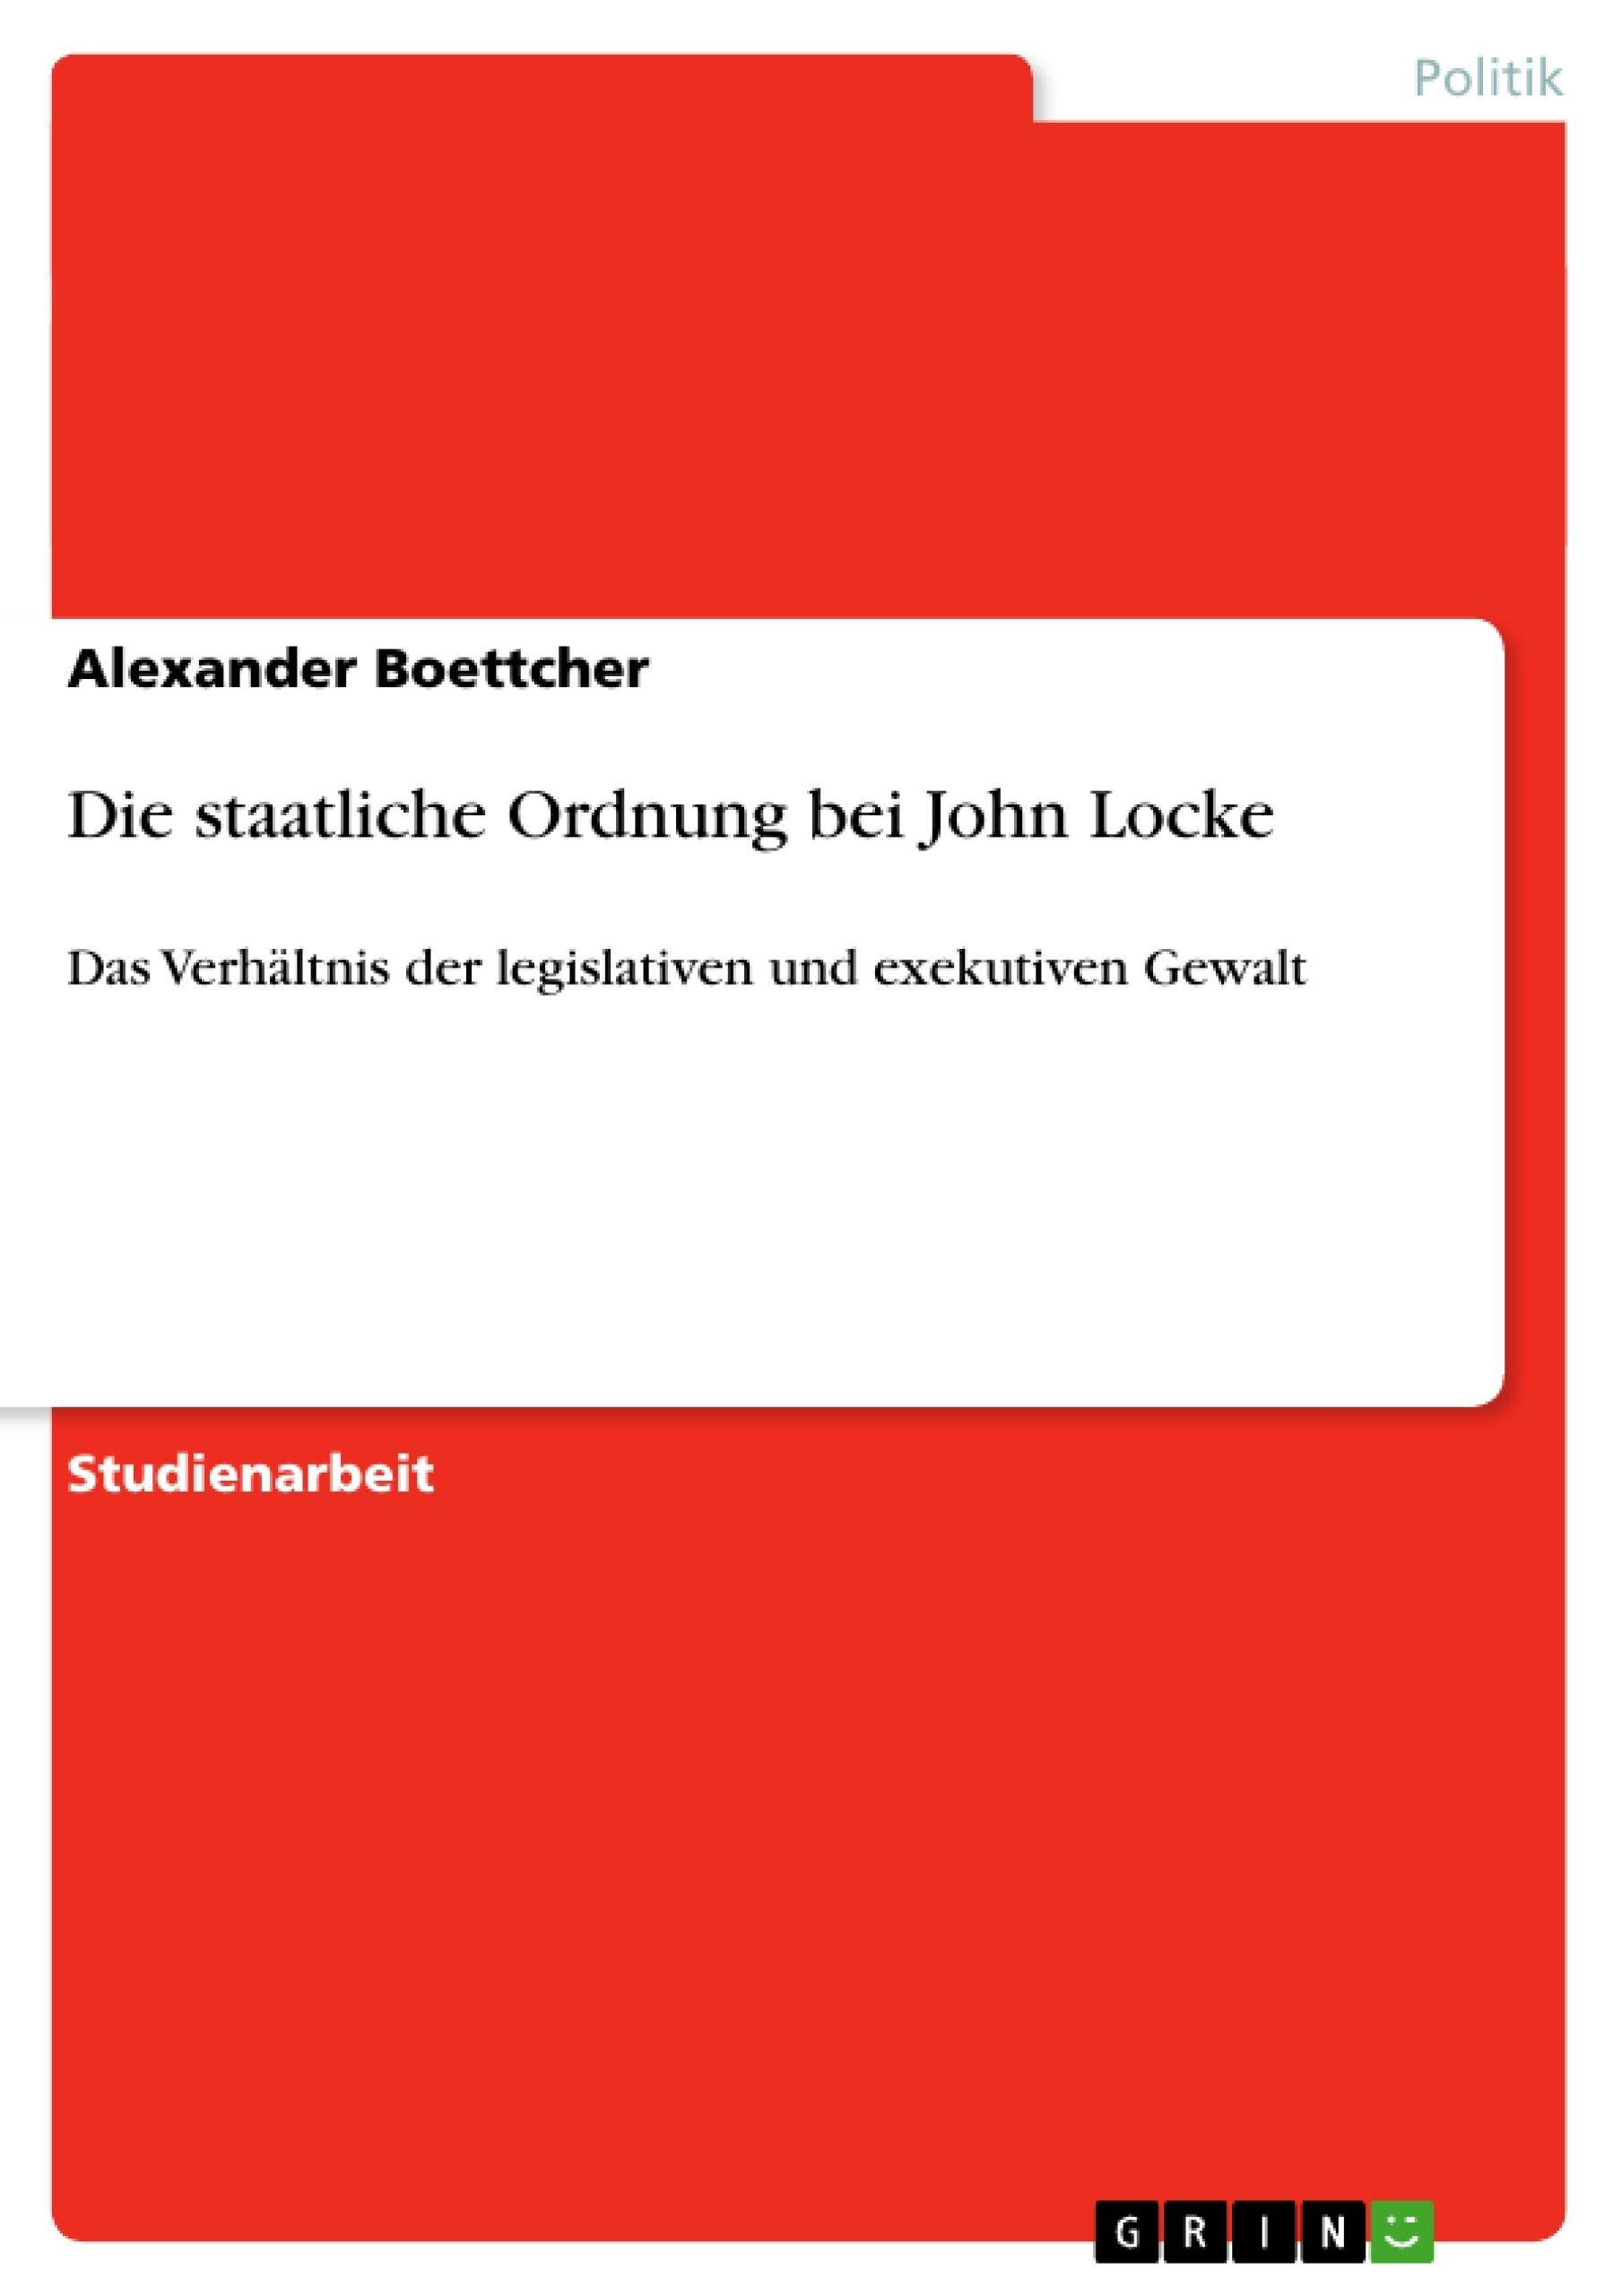 Titel: Die staatliche Ordnung bei John Locke